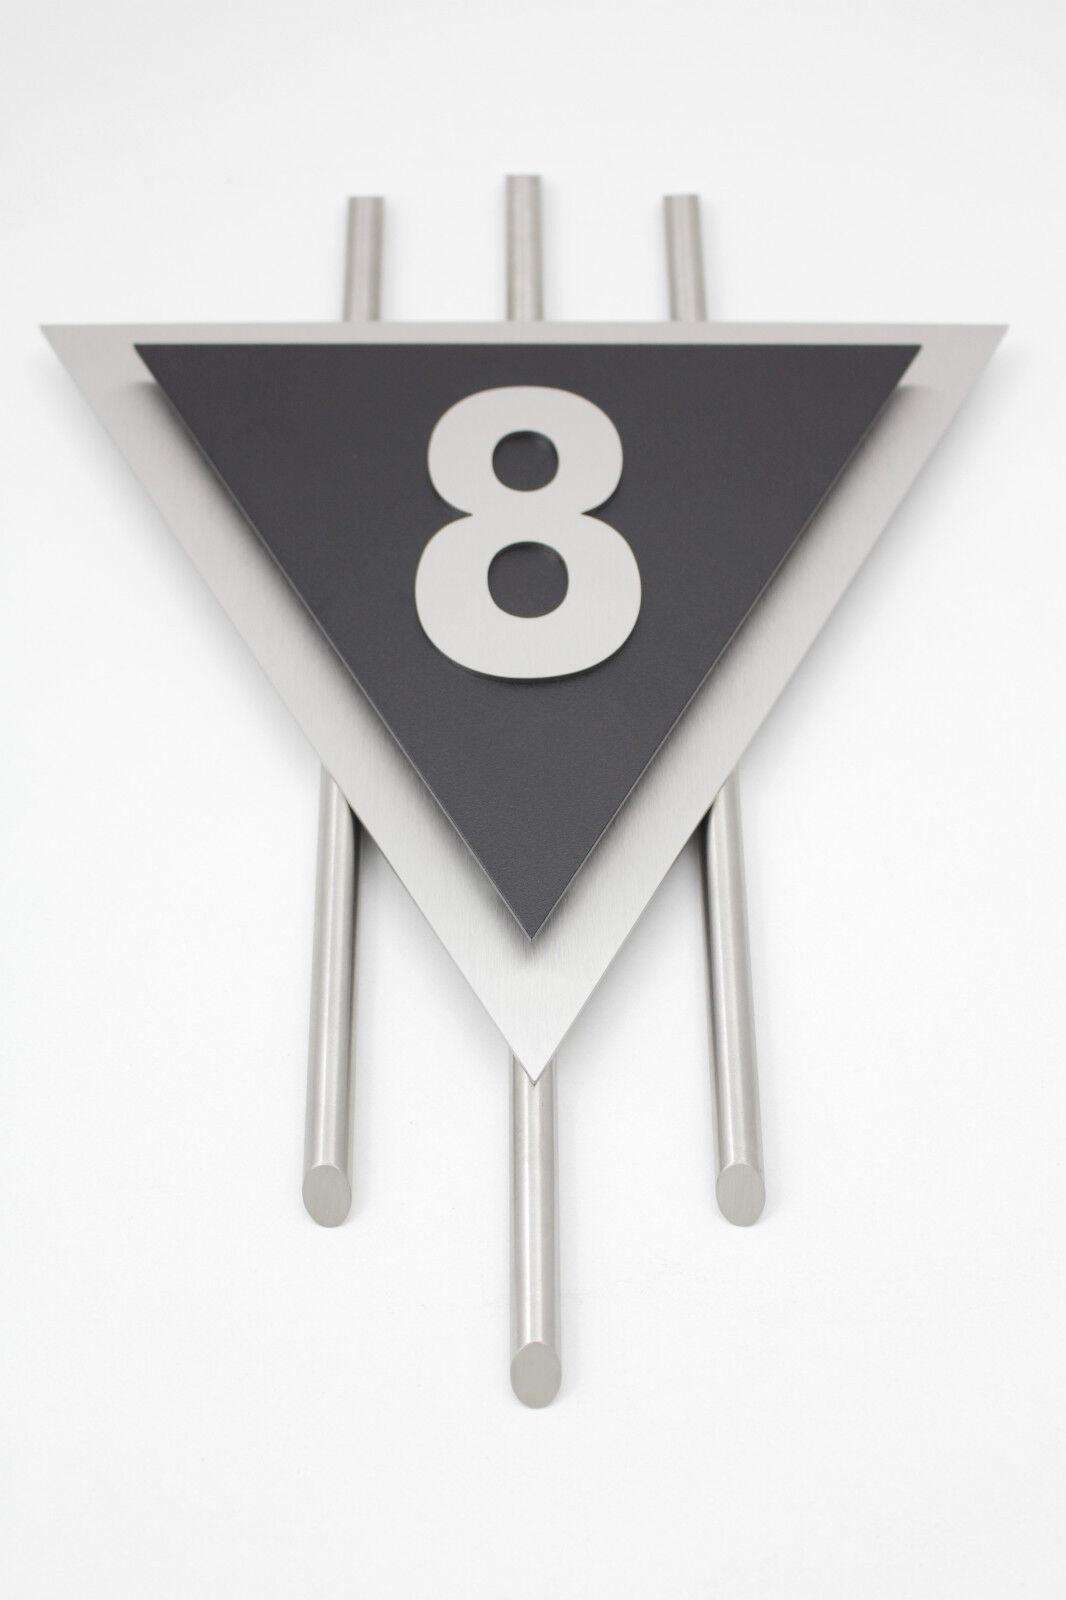 Hausnummer Edelstahl Schwarz Exklusives Design Venus Zahl 1 - 9 Zierstangen V2A